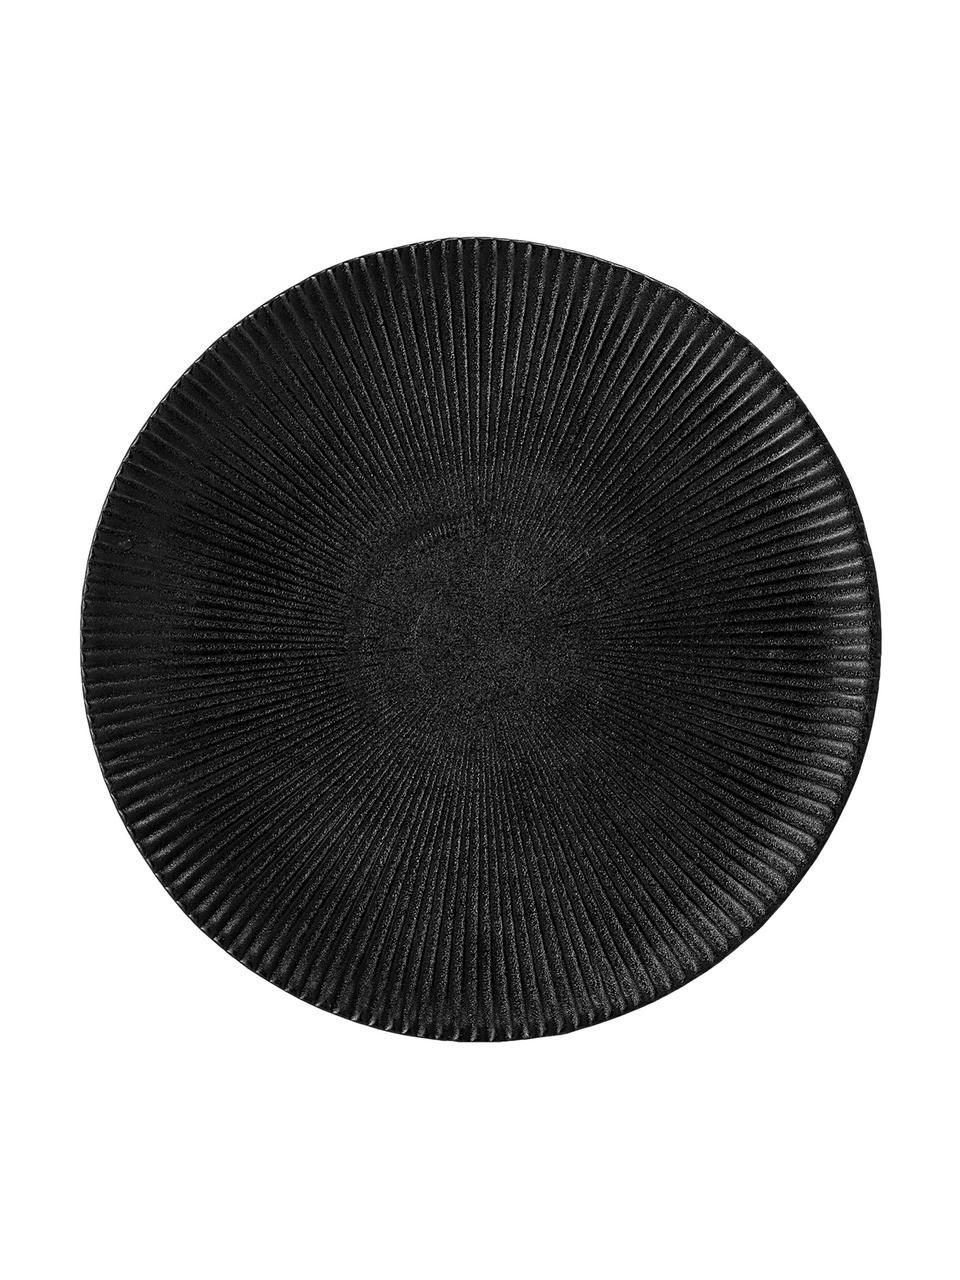 Talerz śniadaniowy Neri, 2 szt., Kamionka, Czarny, Ø 23 cm